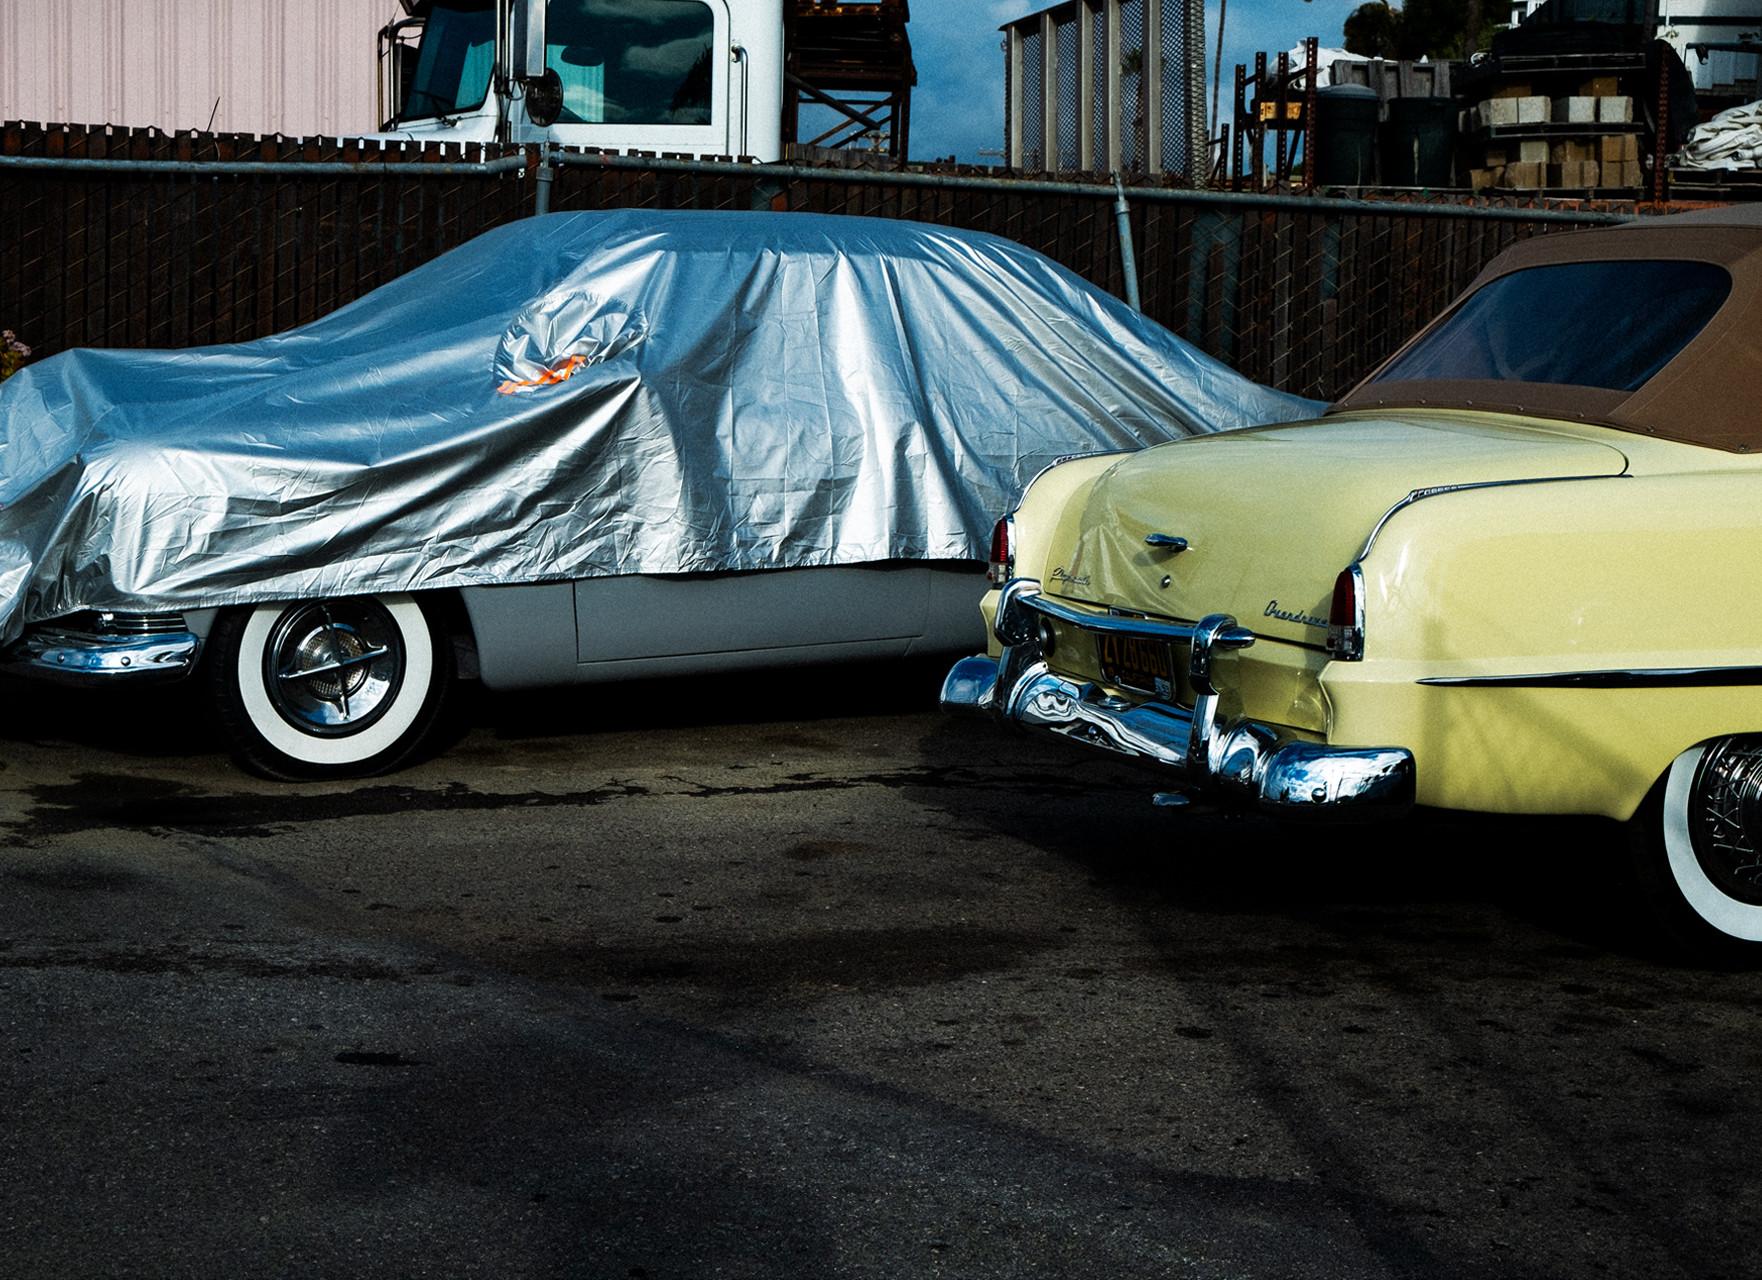 CARS-JUANMI-MARQUEZ-1762x1280